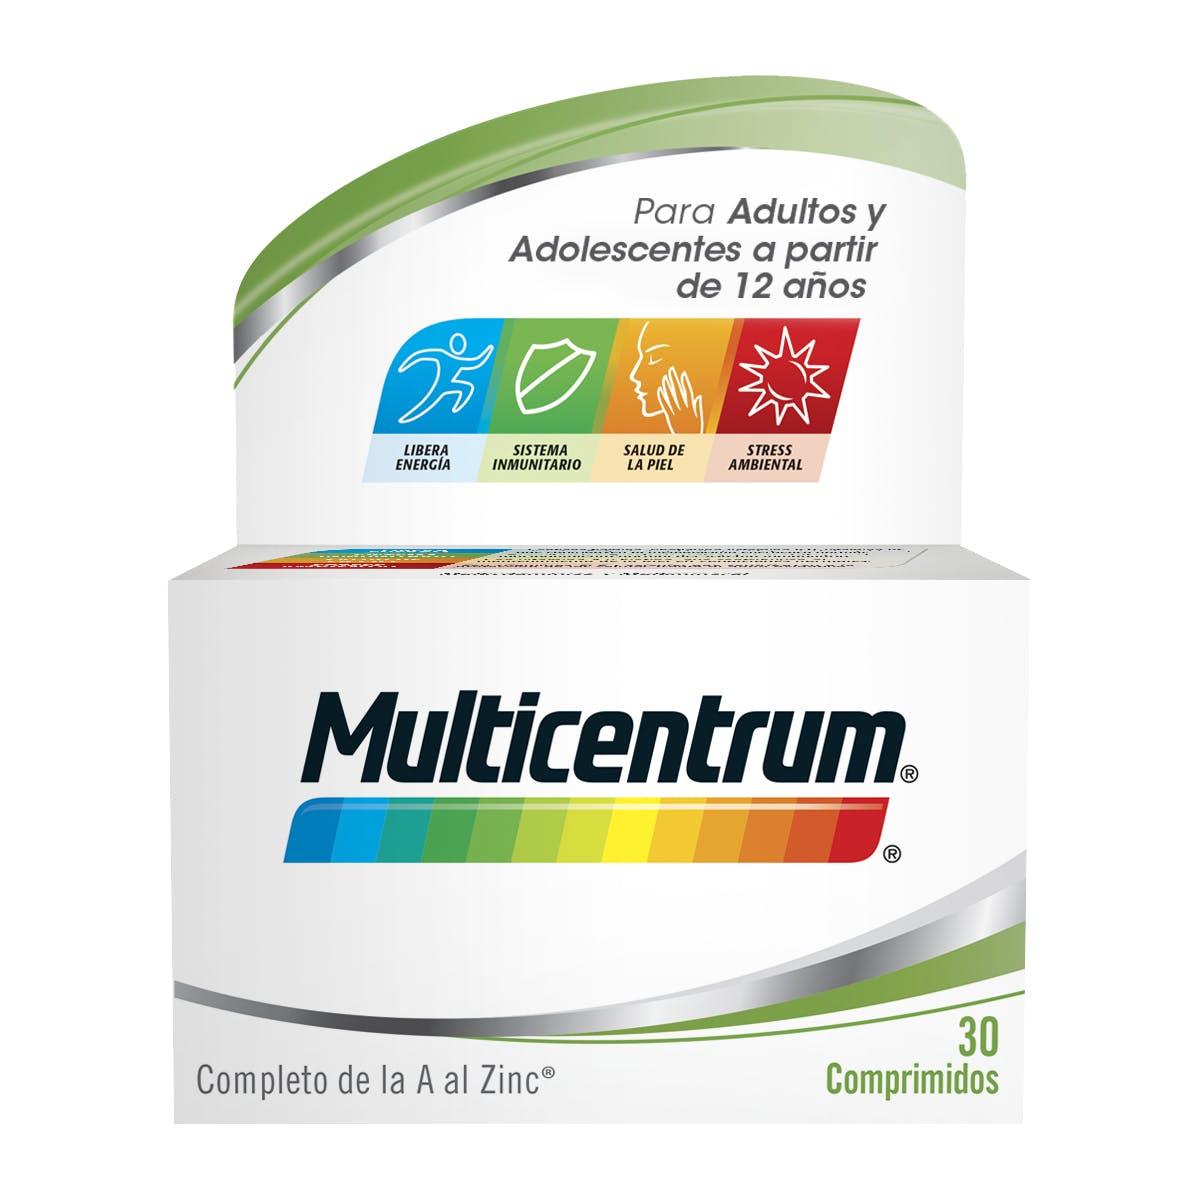 Bote Multivitaminas para adultos - Multicentrum